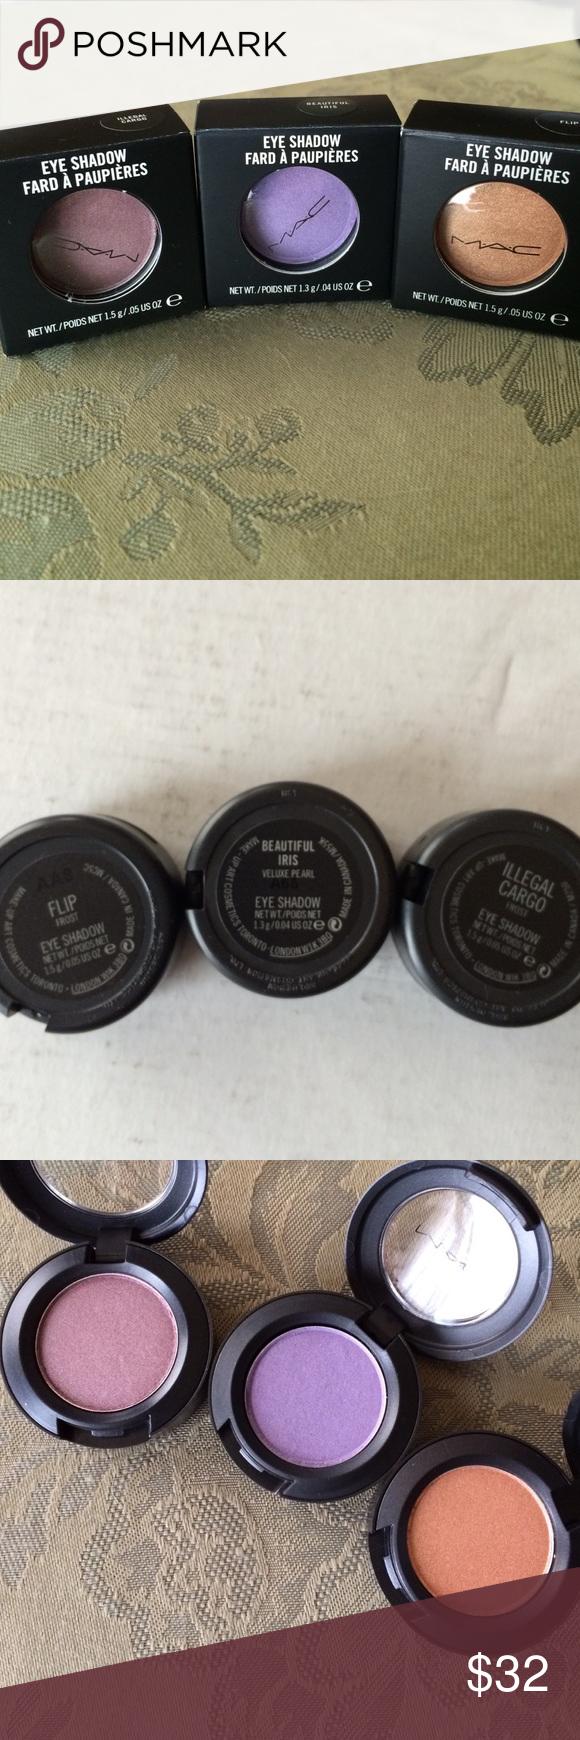 3x NIB MAC Eyeshadows Discontinued Boutique Eyeshadow